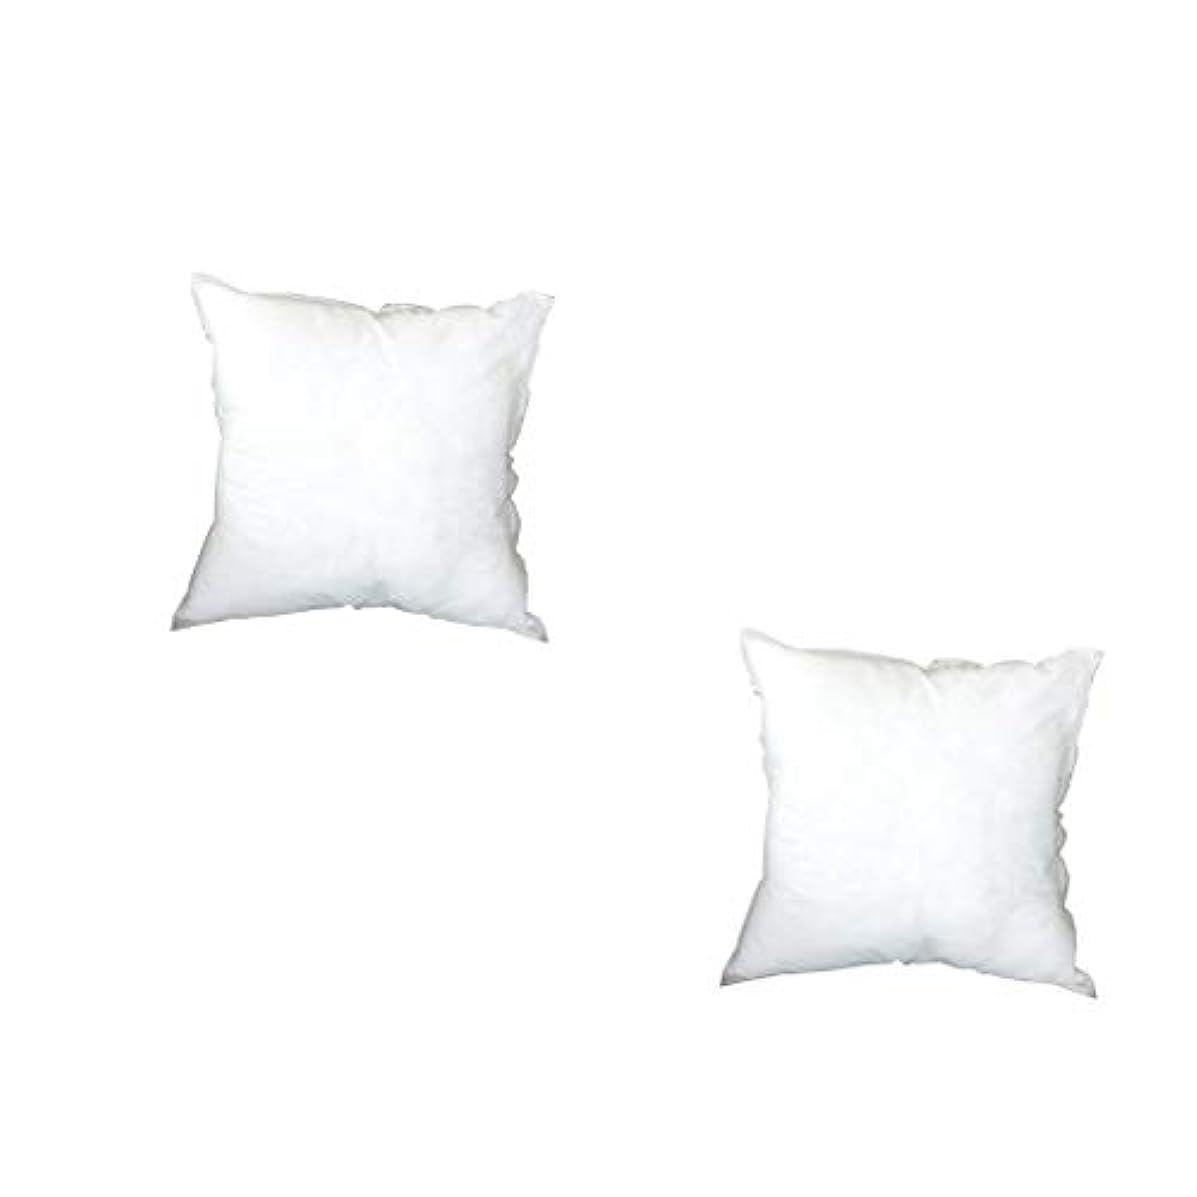 かどうか株式接ぎ木LIFE 寝具正方形 PP 綿枕インテリア家の装飾白 45 × 45 車のソファチェアクッション coussin decoratif 新 クッション 椅子